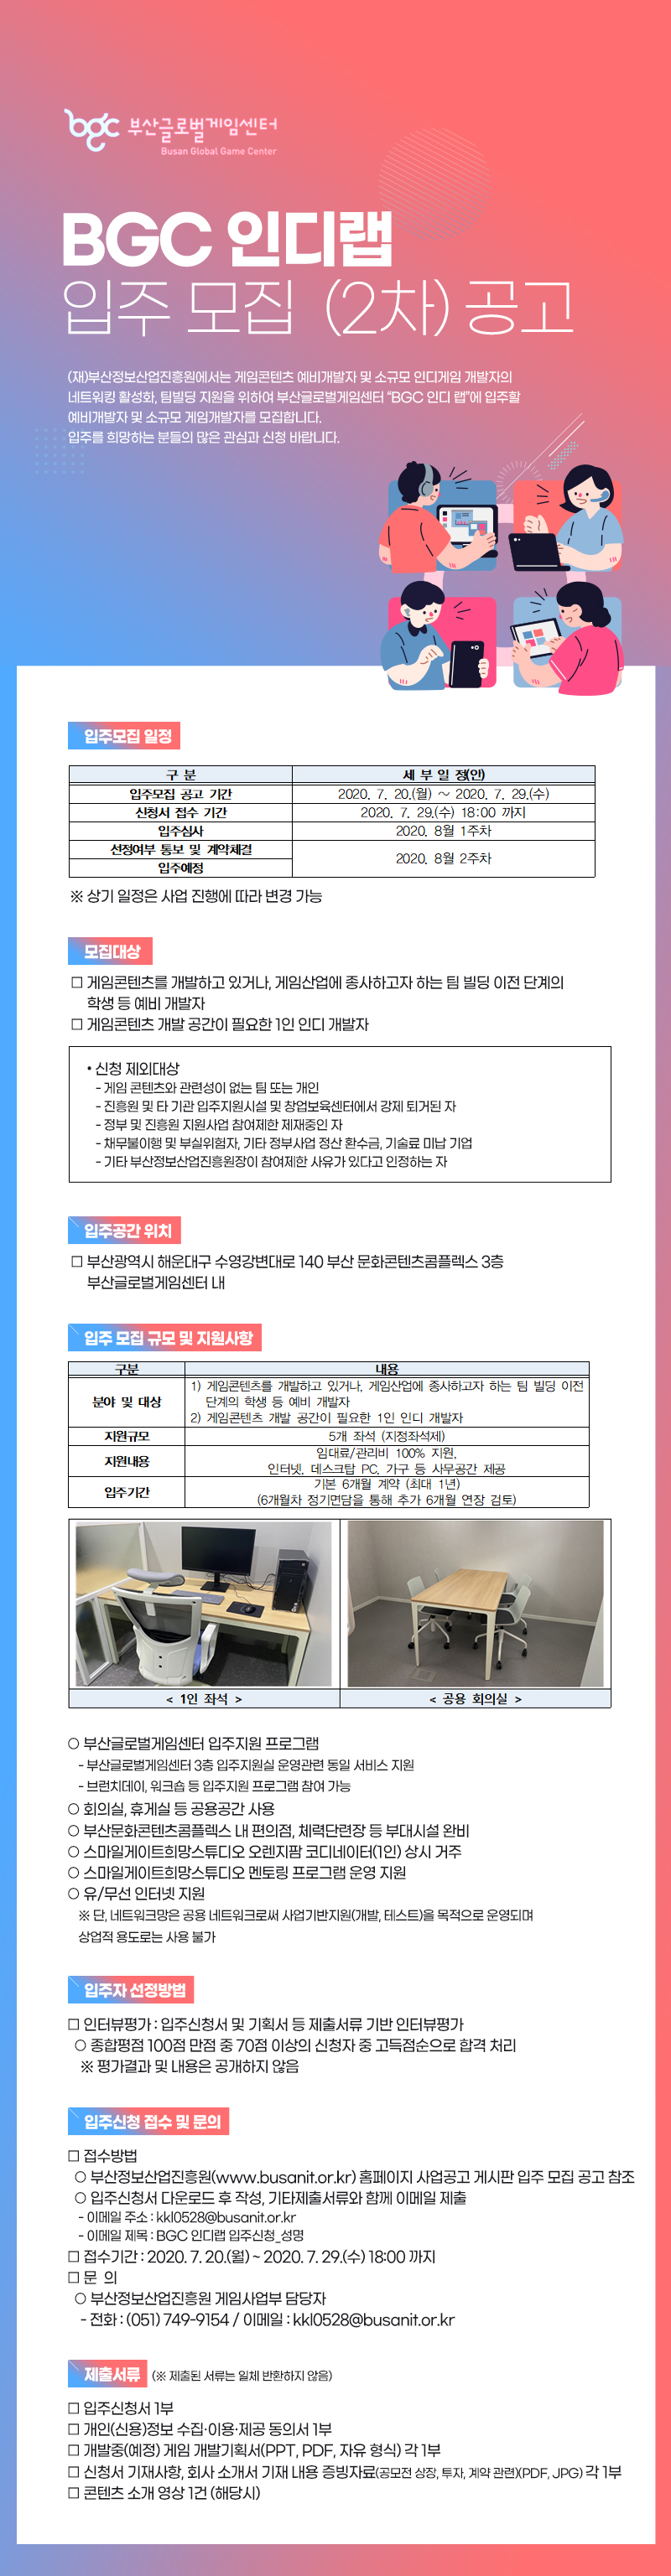 부산 글로벌게임센터 BGC 인디랩 입주 모집 (2차) 공고